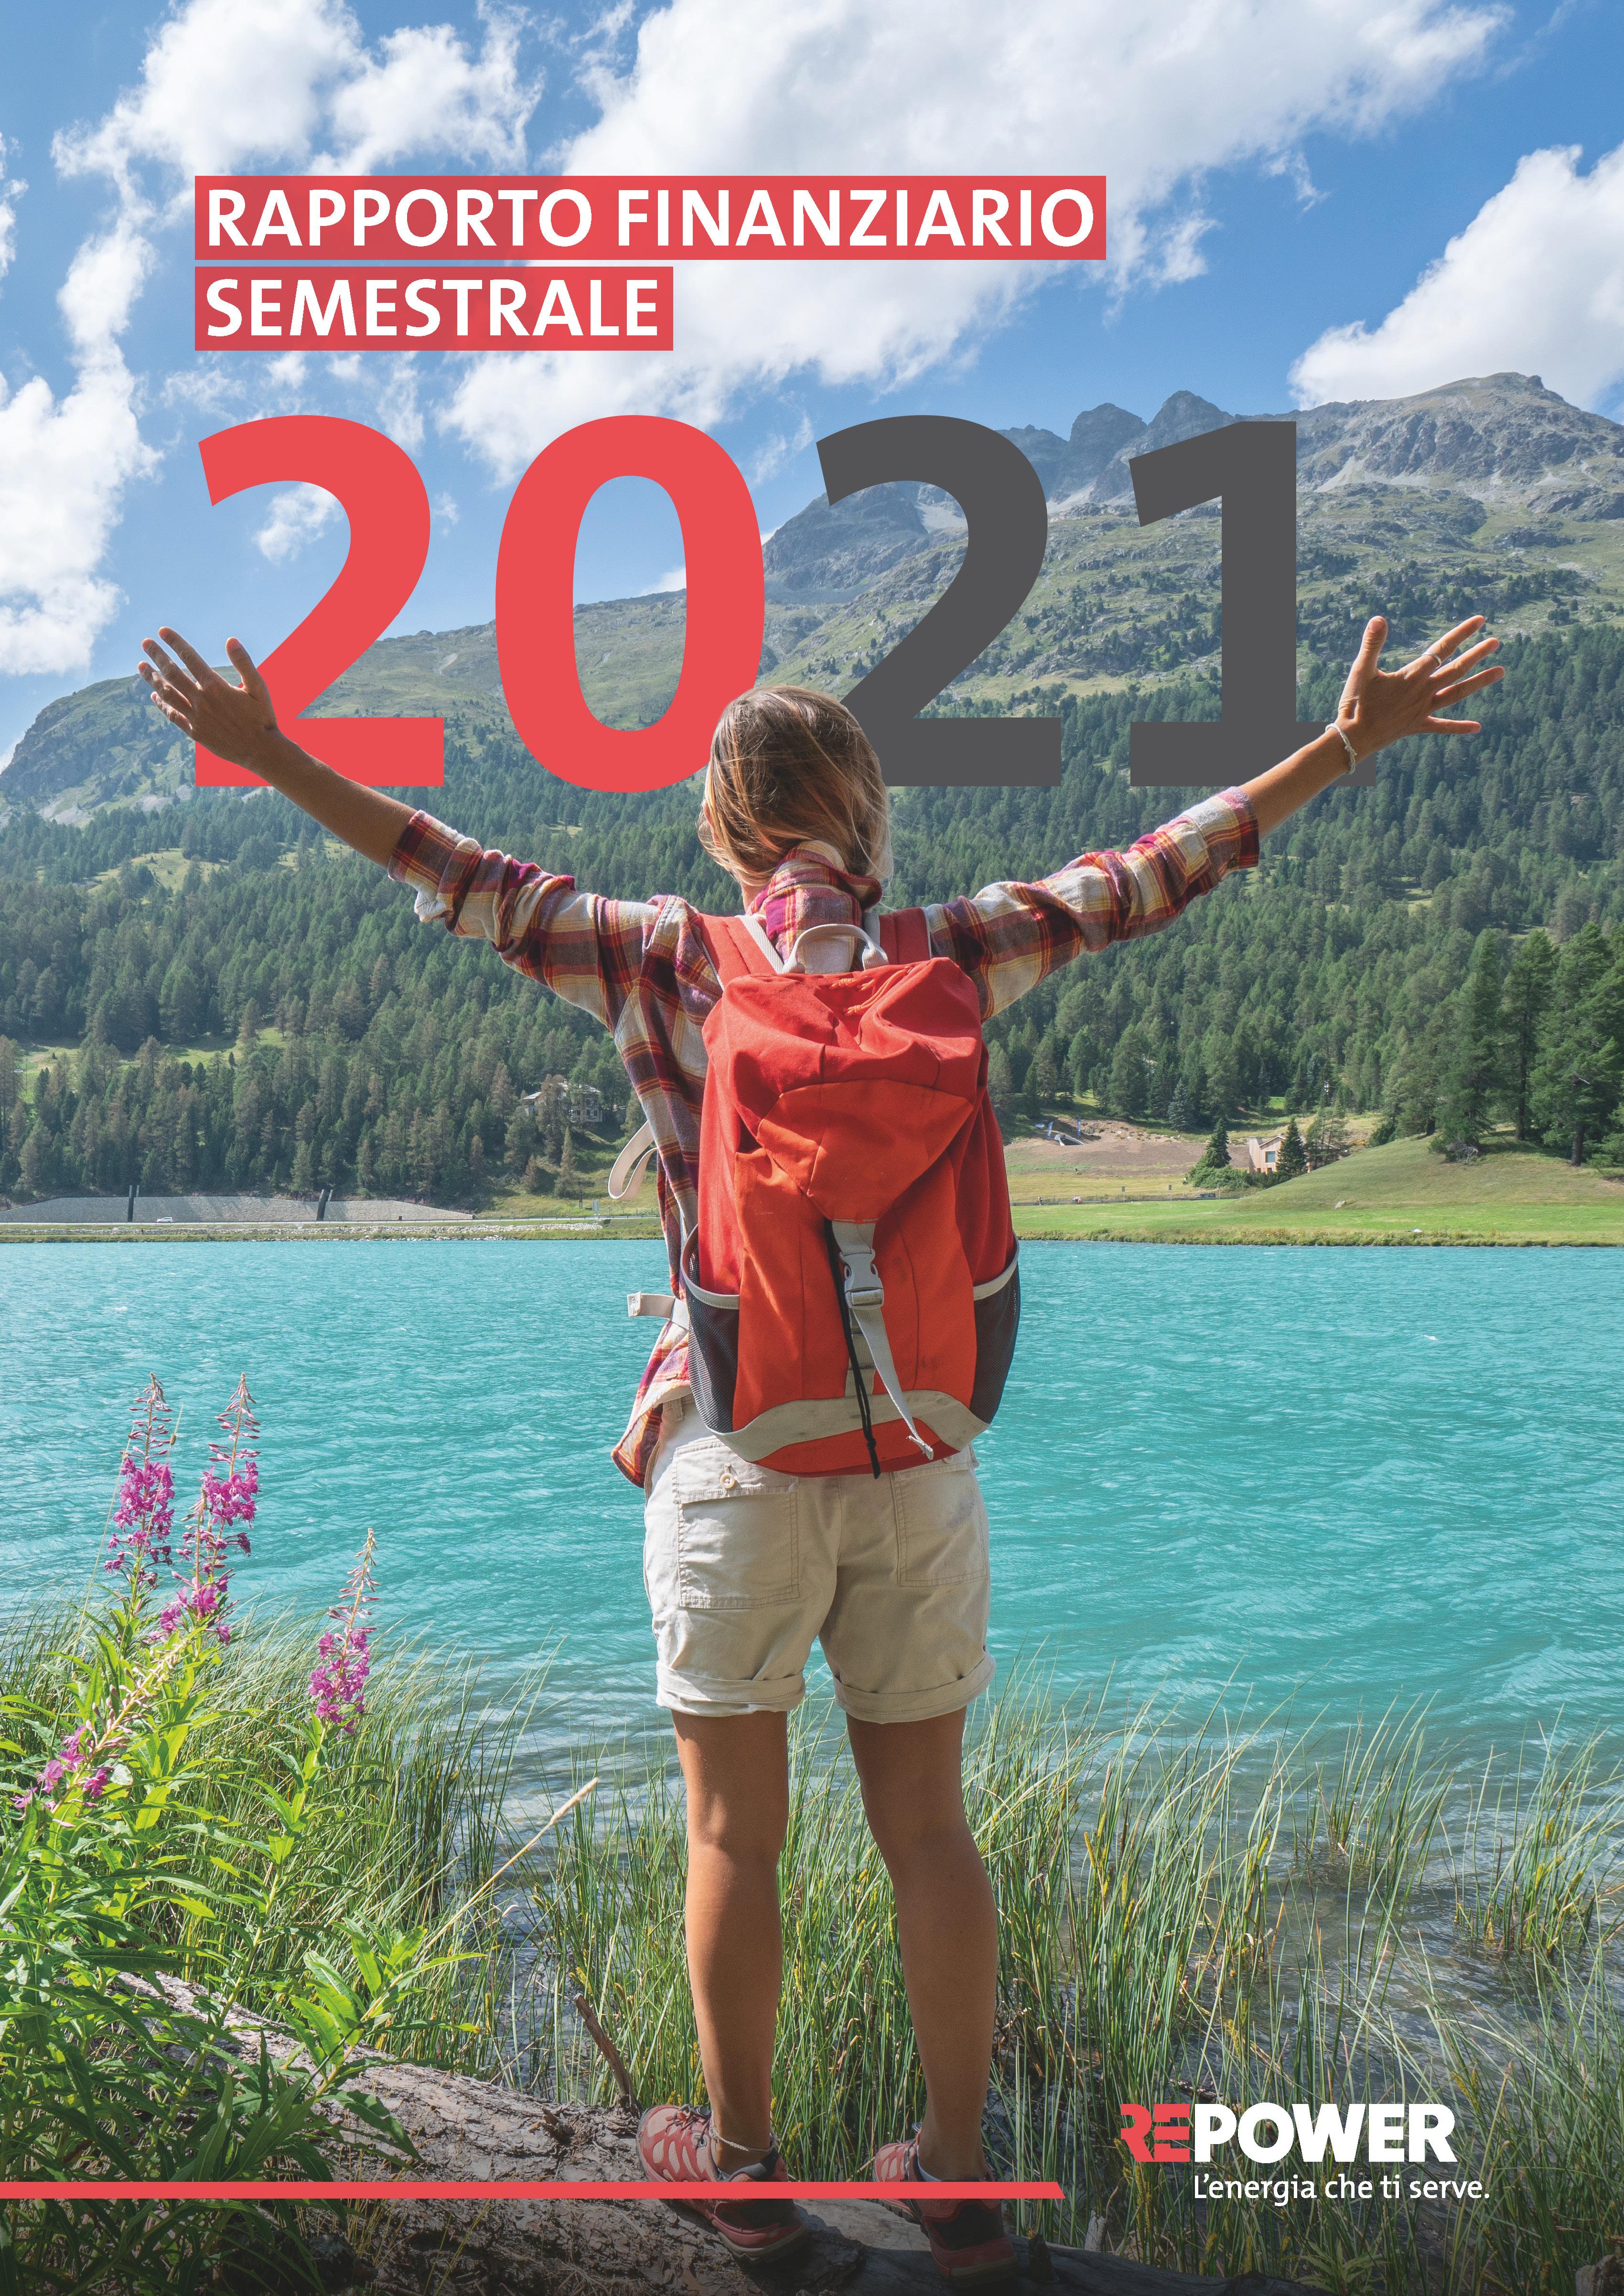 Bilancio intermedio consolidato del Gruppo Repower 2021 preview